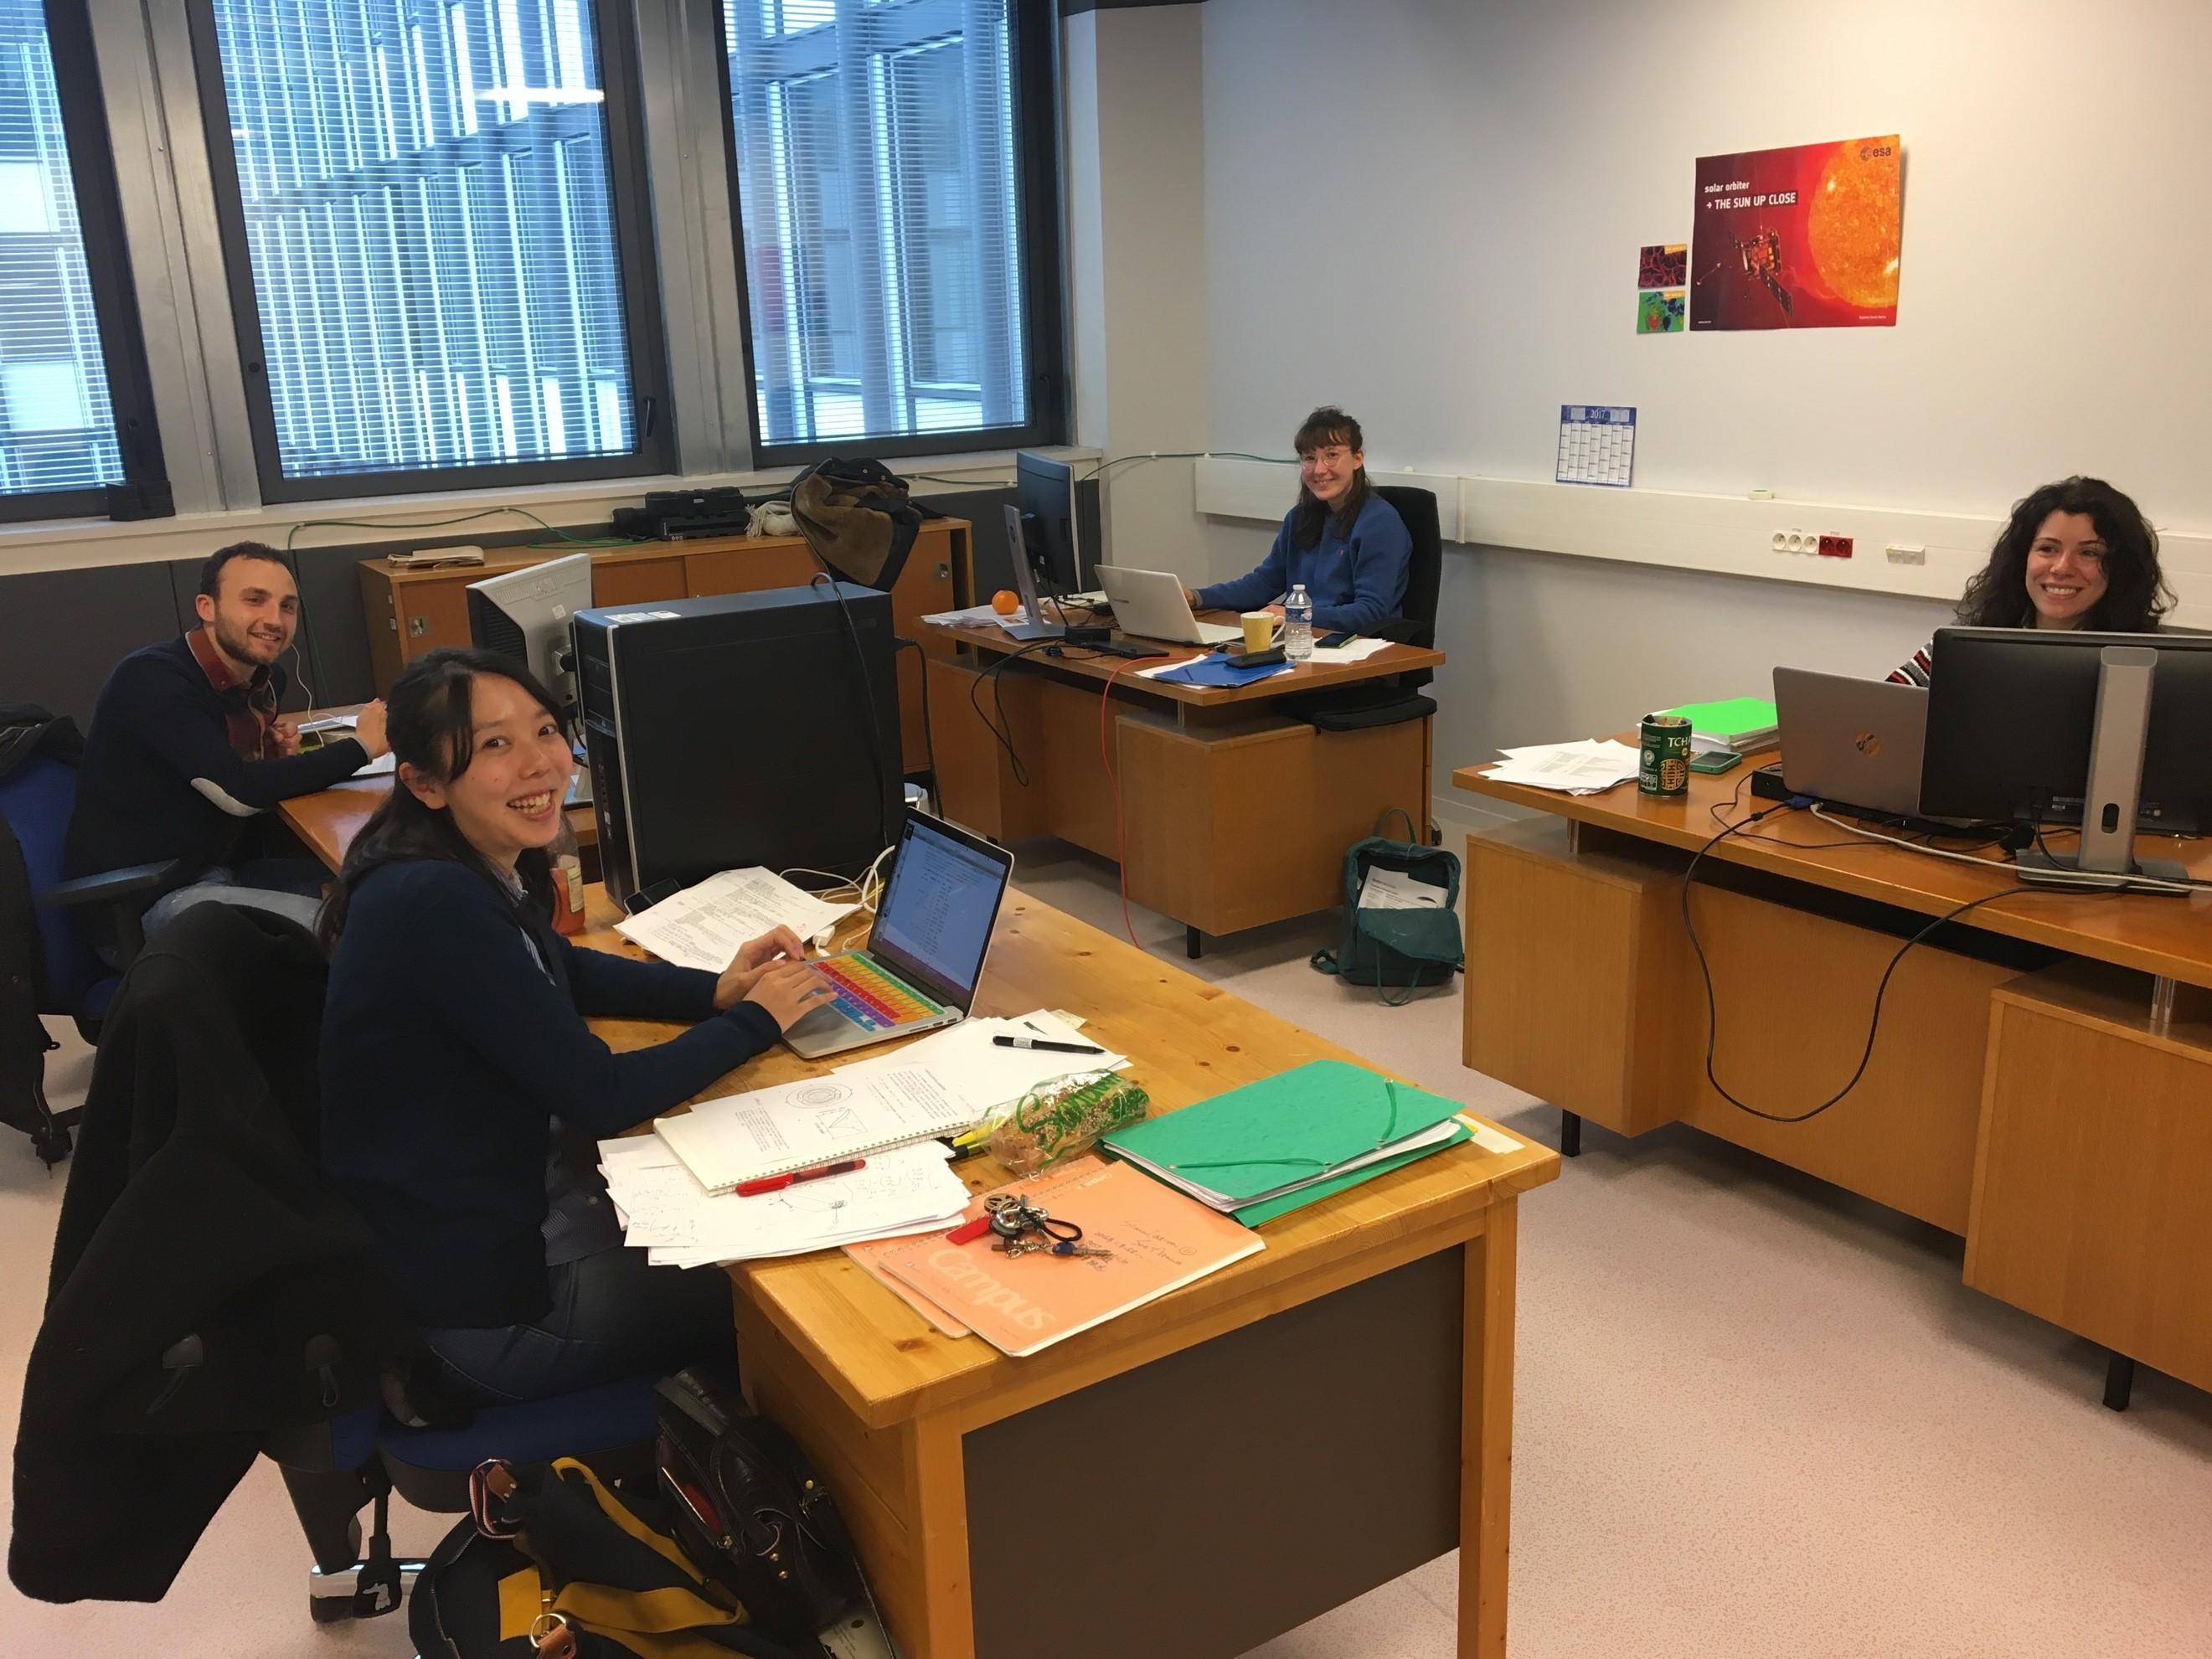 2017年2月より、フランス・パリ第六大学・プラズマ物理学研究所(LPP)の博士課程学生としての生活をスタートしました。 photo